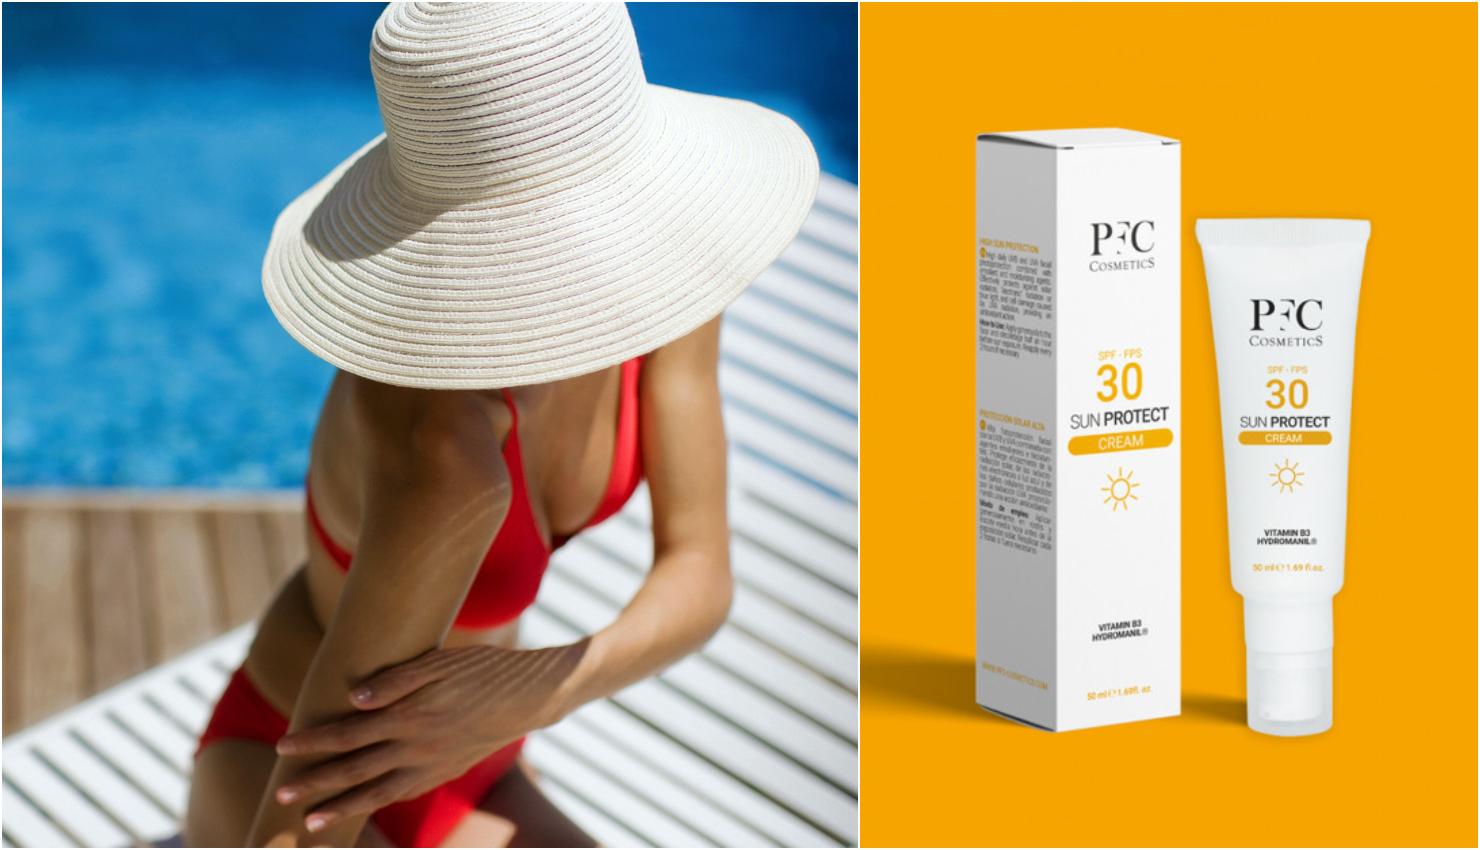 Cremas solares PFC Cosmetics